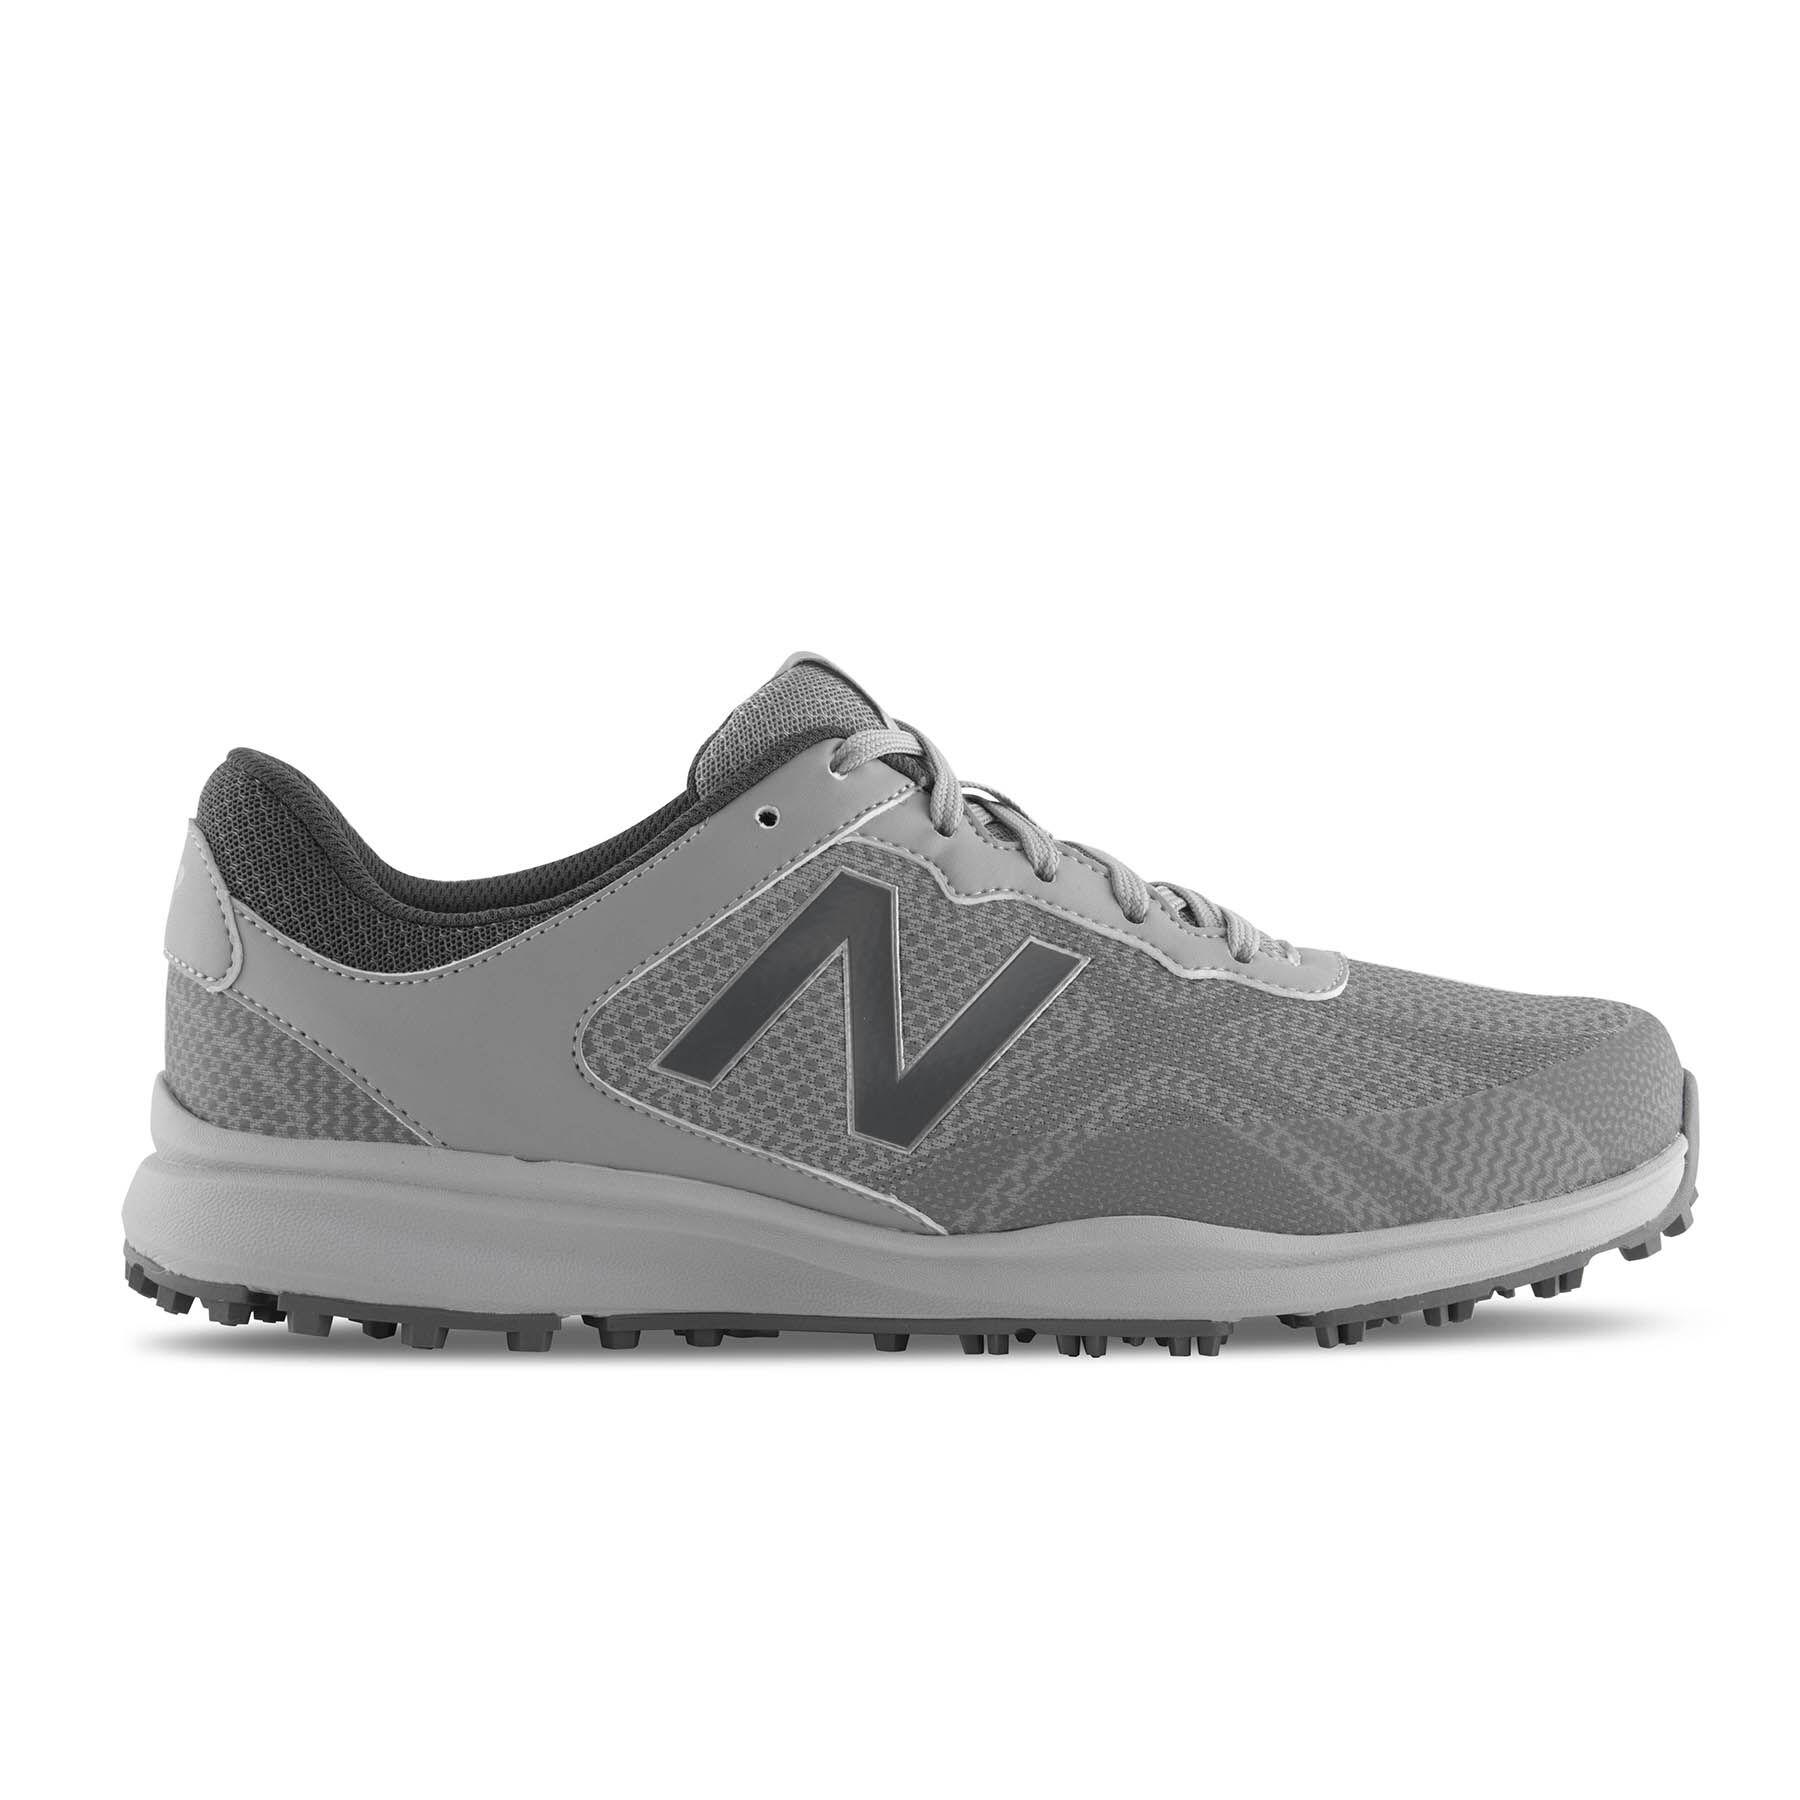 New Balance Breeze Men's Golf Shoe